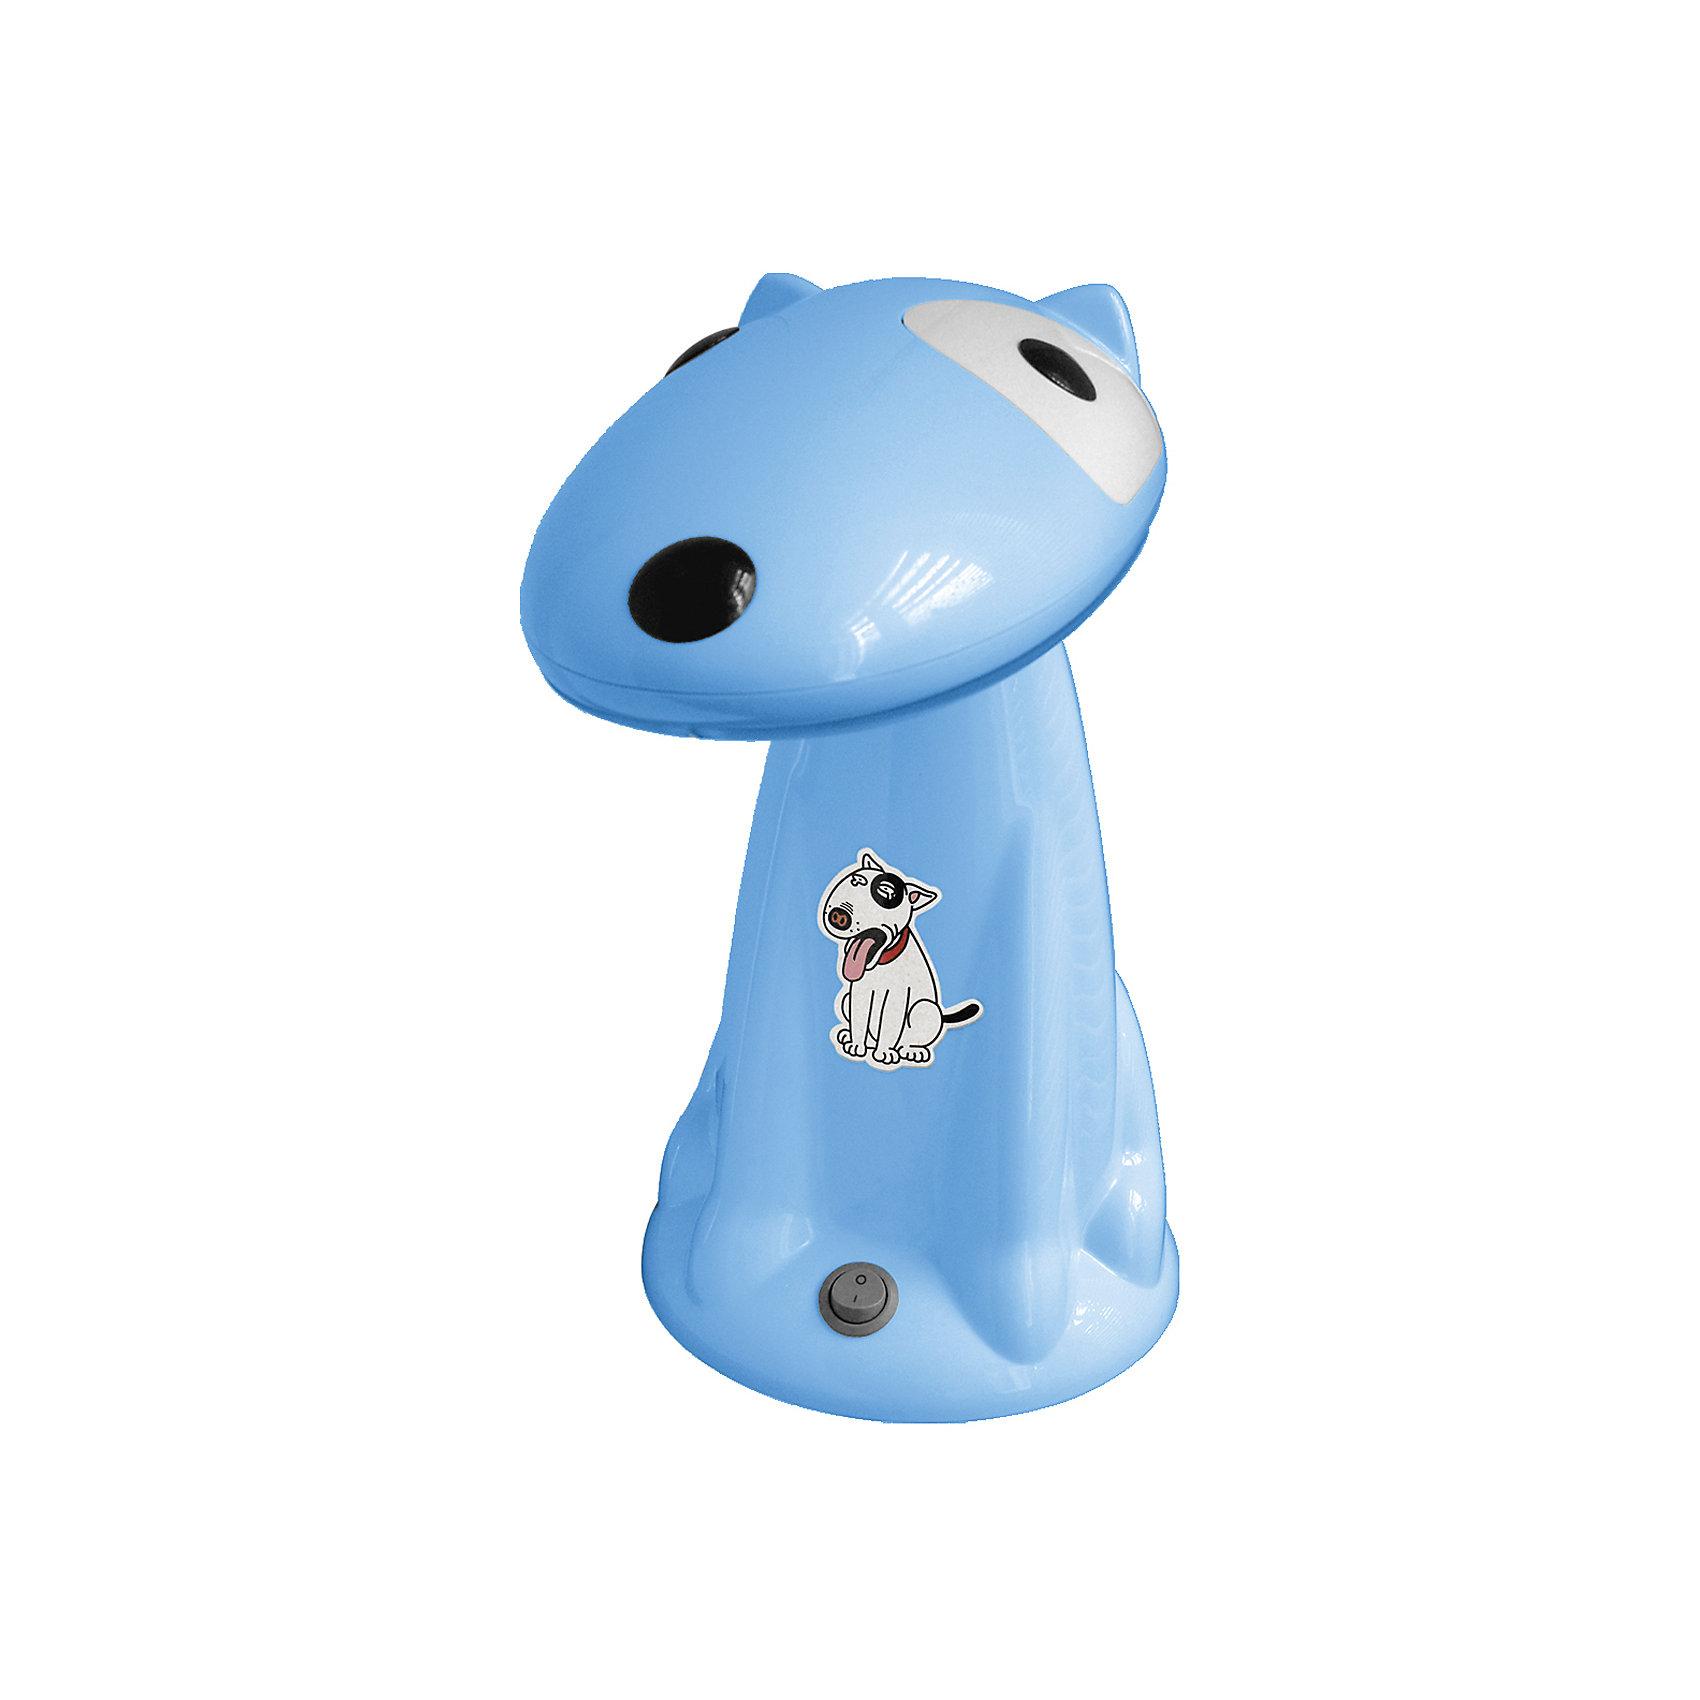 Настольный светильник Собака 18Вт КЛЛ, Ultra Light, голубойГолубой светильник Собака 18 Вт – детский светильник прекрасно подойдет для освещения рабочего стола и создания атмосферы уюта в комнате.<br>Светильник в виде прелестной собачки с энергосберегающей лампой доставит малышу множество приятных моментов в любое время суток! Он не только станет отличным другом, но и поможет ребенку в вечерние часы сделать уроки или почитать книгу. Ночью собачка послужит ночником и создаст в комнате уютную атмосферу, помогая малышу быстрее уснуть. Светильник выполнен из термоустойчивого пластика. Плафон подвижный, так что голову собачки можно опускать и поднимать, в зависимости от времени суток. Для безопасного использования лампа светильника закрыта рассеивателем, а выключатель расположен на устойчивом основании. Тщательно проработанный дизайн, удобная конструкция и высокое качество исполнения светильника, отвечают требованиям современных стандартов технических характеристик и требований энергосбережения. Запрещено использовать в качестве игрушки.<br><br>Дополнительная информация:<br><br>- В комплекте: светильник, энергосберегающая лампа<br>- Высота светильника: 31 см.<br>- Диаметр основания: 17 см.<br>- Материал корпуса: термостойкий пластик<br>- Питание: от сети 220В (50 Гц)<br>- Длина шнура: 160 см.<br>- Тип цоколя: Gx10q<br>- Мощность лампы: 18 Вт<br>- Размер упаковки: 29,5х19х32 см.<br>- Вес: 1480 гр.<br><br>Голубой светильник Собака 18 Вт можно купить в нашем интернет-магазине.<br><br>Ширина мм: 295<br>Глубина мм: 190<br>Высота мм: 320<br>Вес г: 1480<br>Возраст от месяцев: 36<br>Возраст до месяцев: 192<br>Пол: Унисекс<br>Возраст: Детский<br>SKU: 4641457